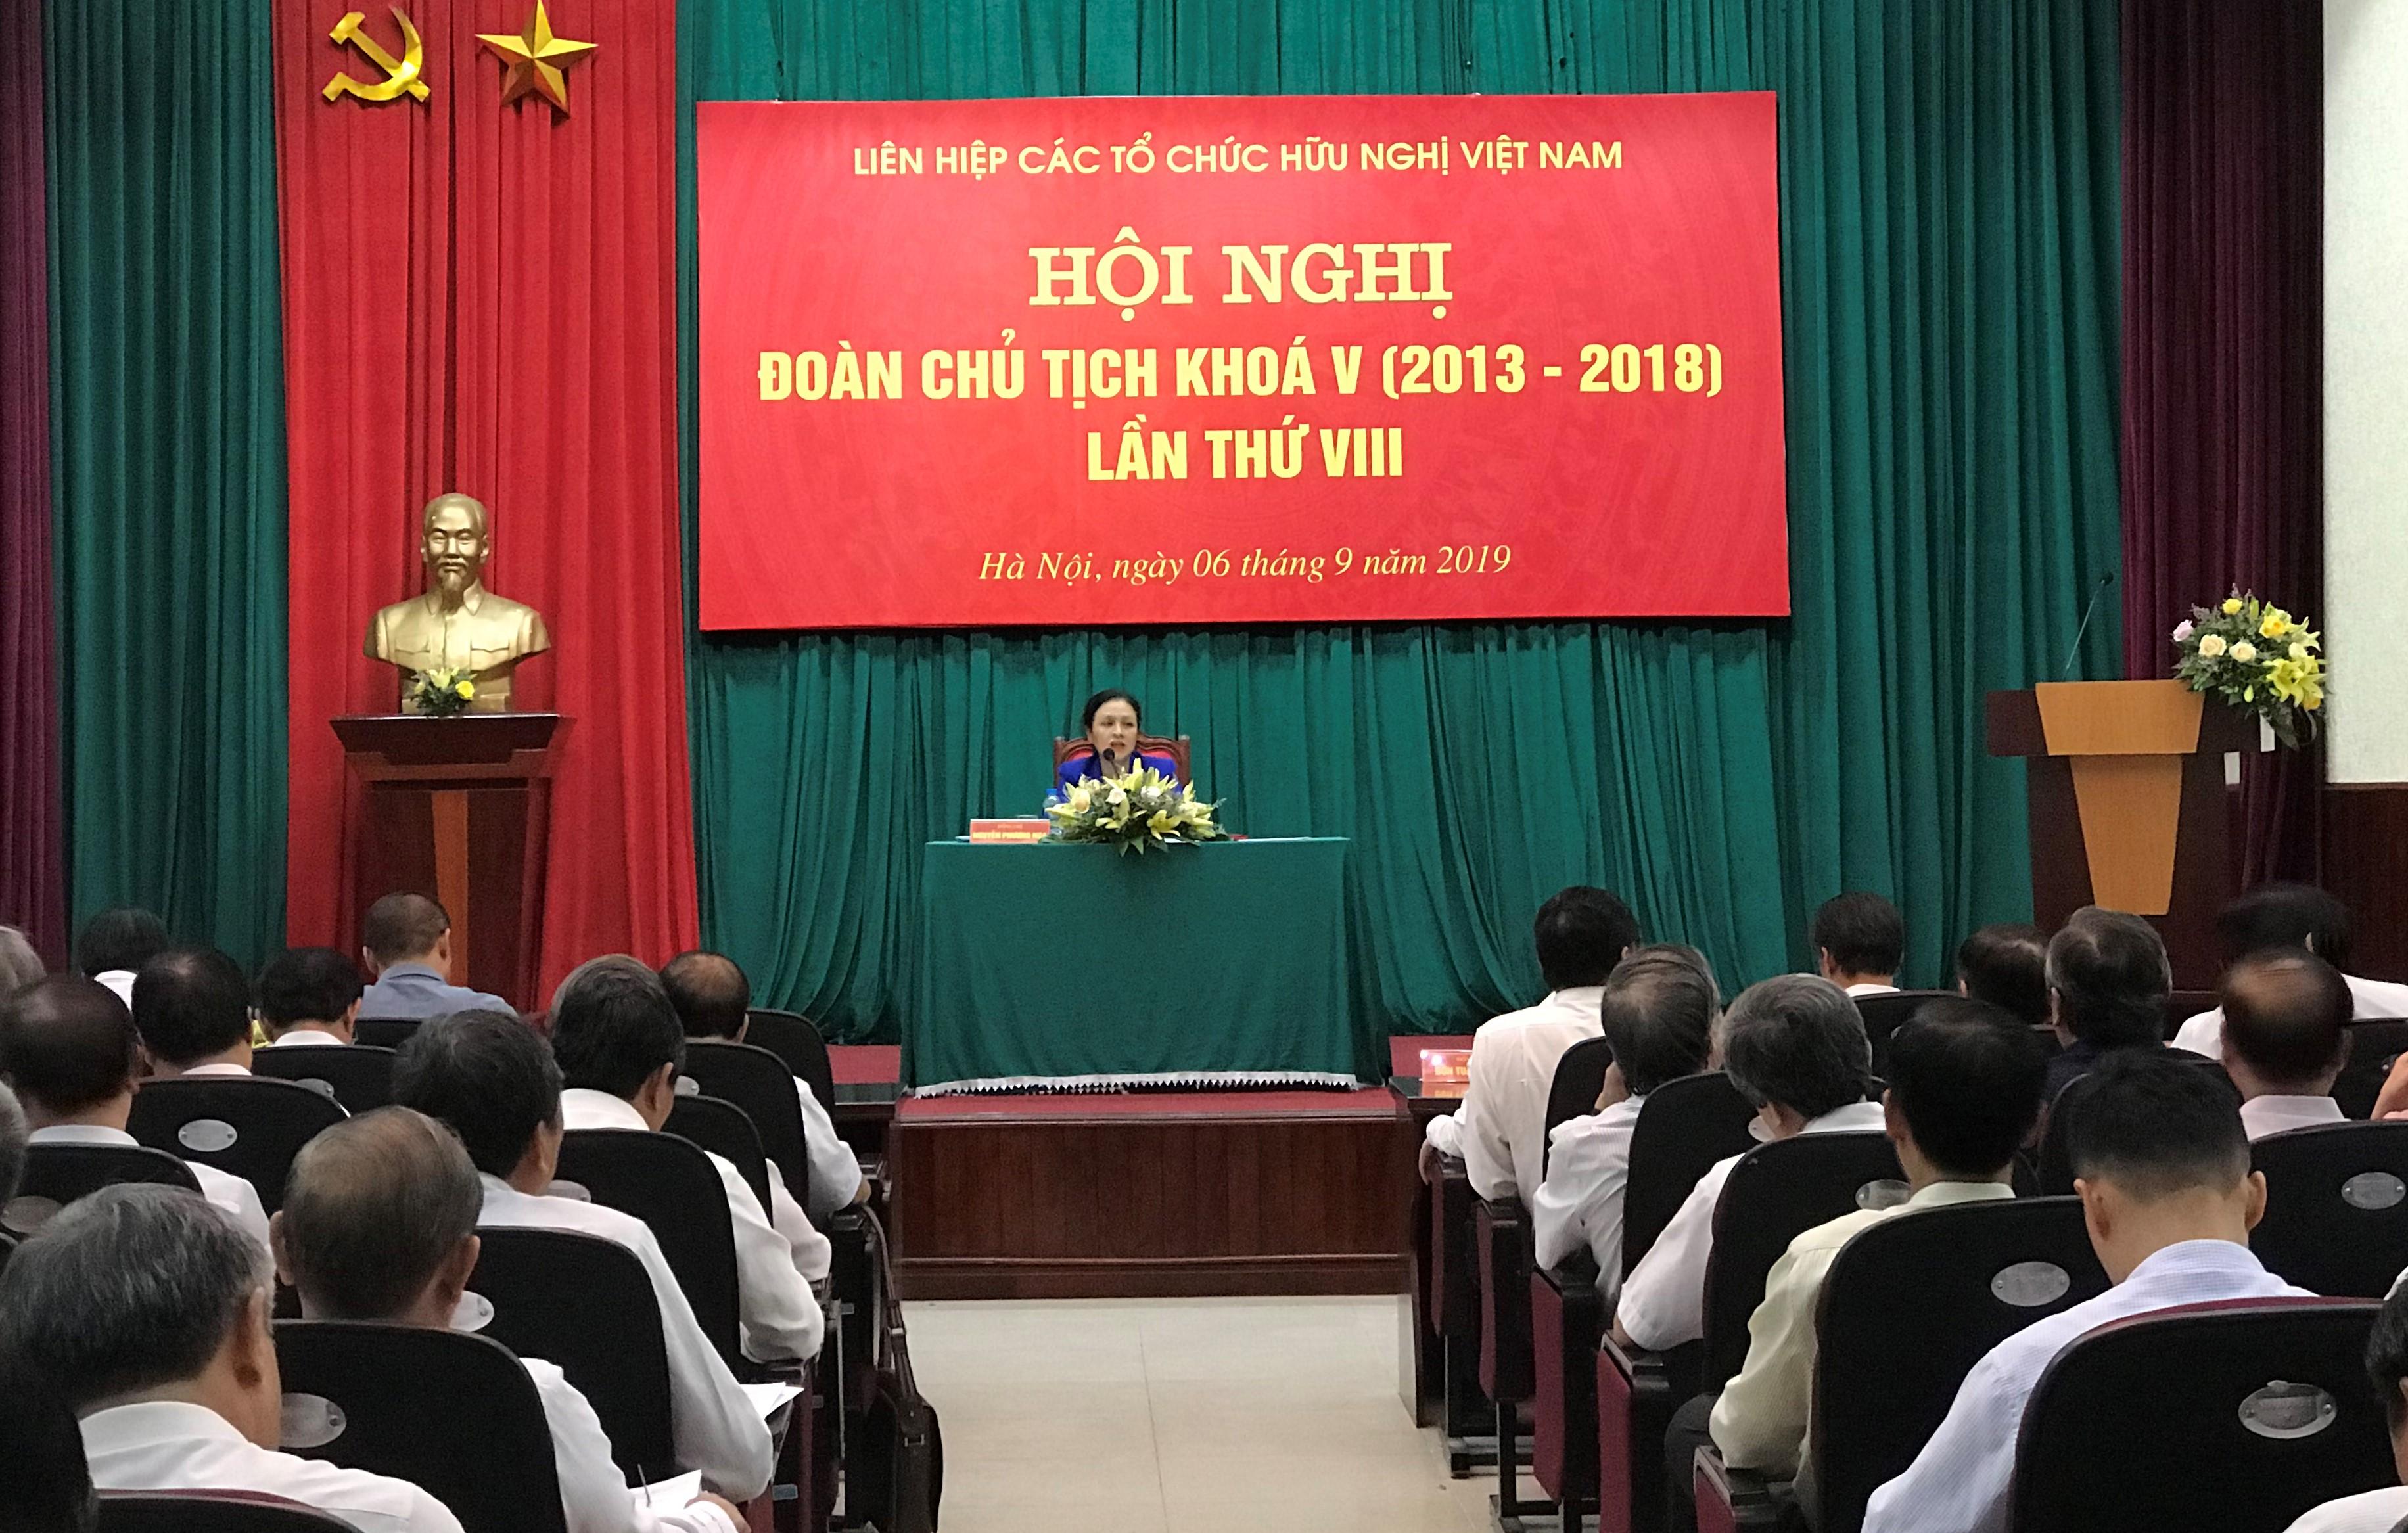 Hội nghị Đoàn Chủ tịch Liên hiệp các tổ chức hữu nghị Việt Nam lần thứ VIII, nhiệm kỳ 2013 – 2018